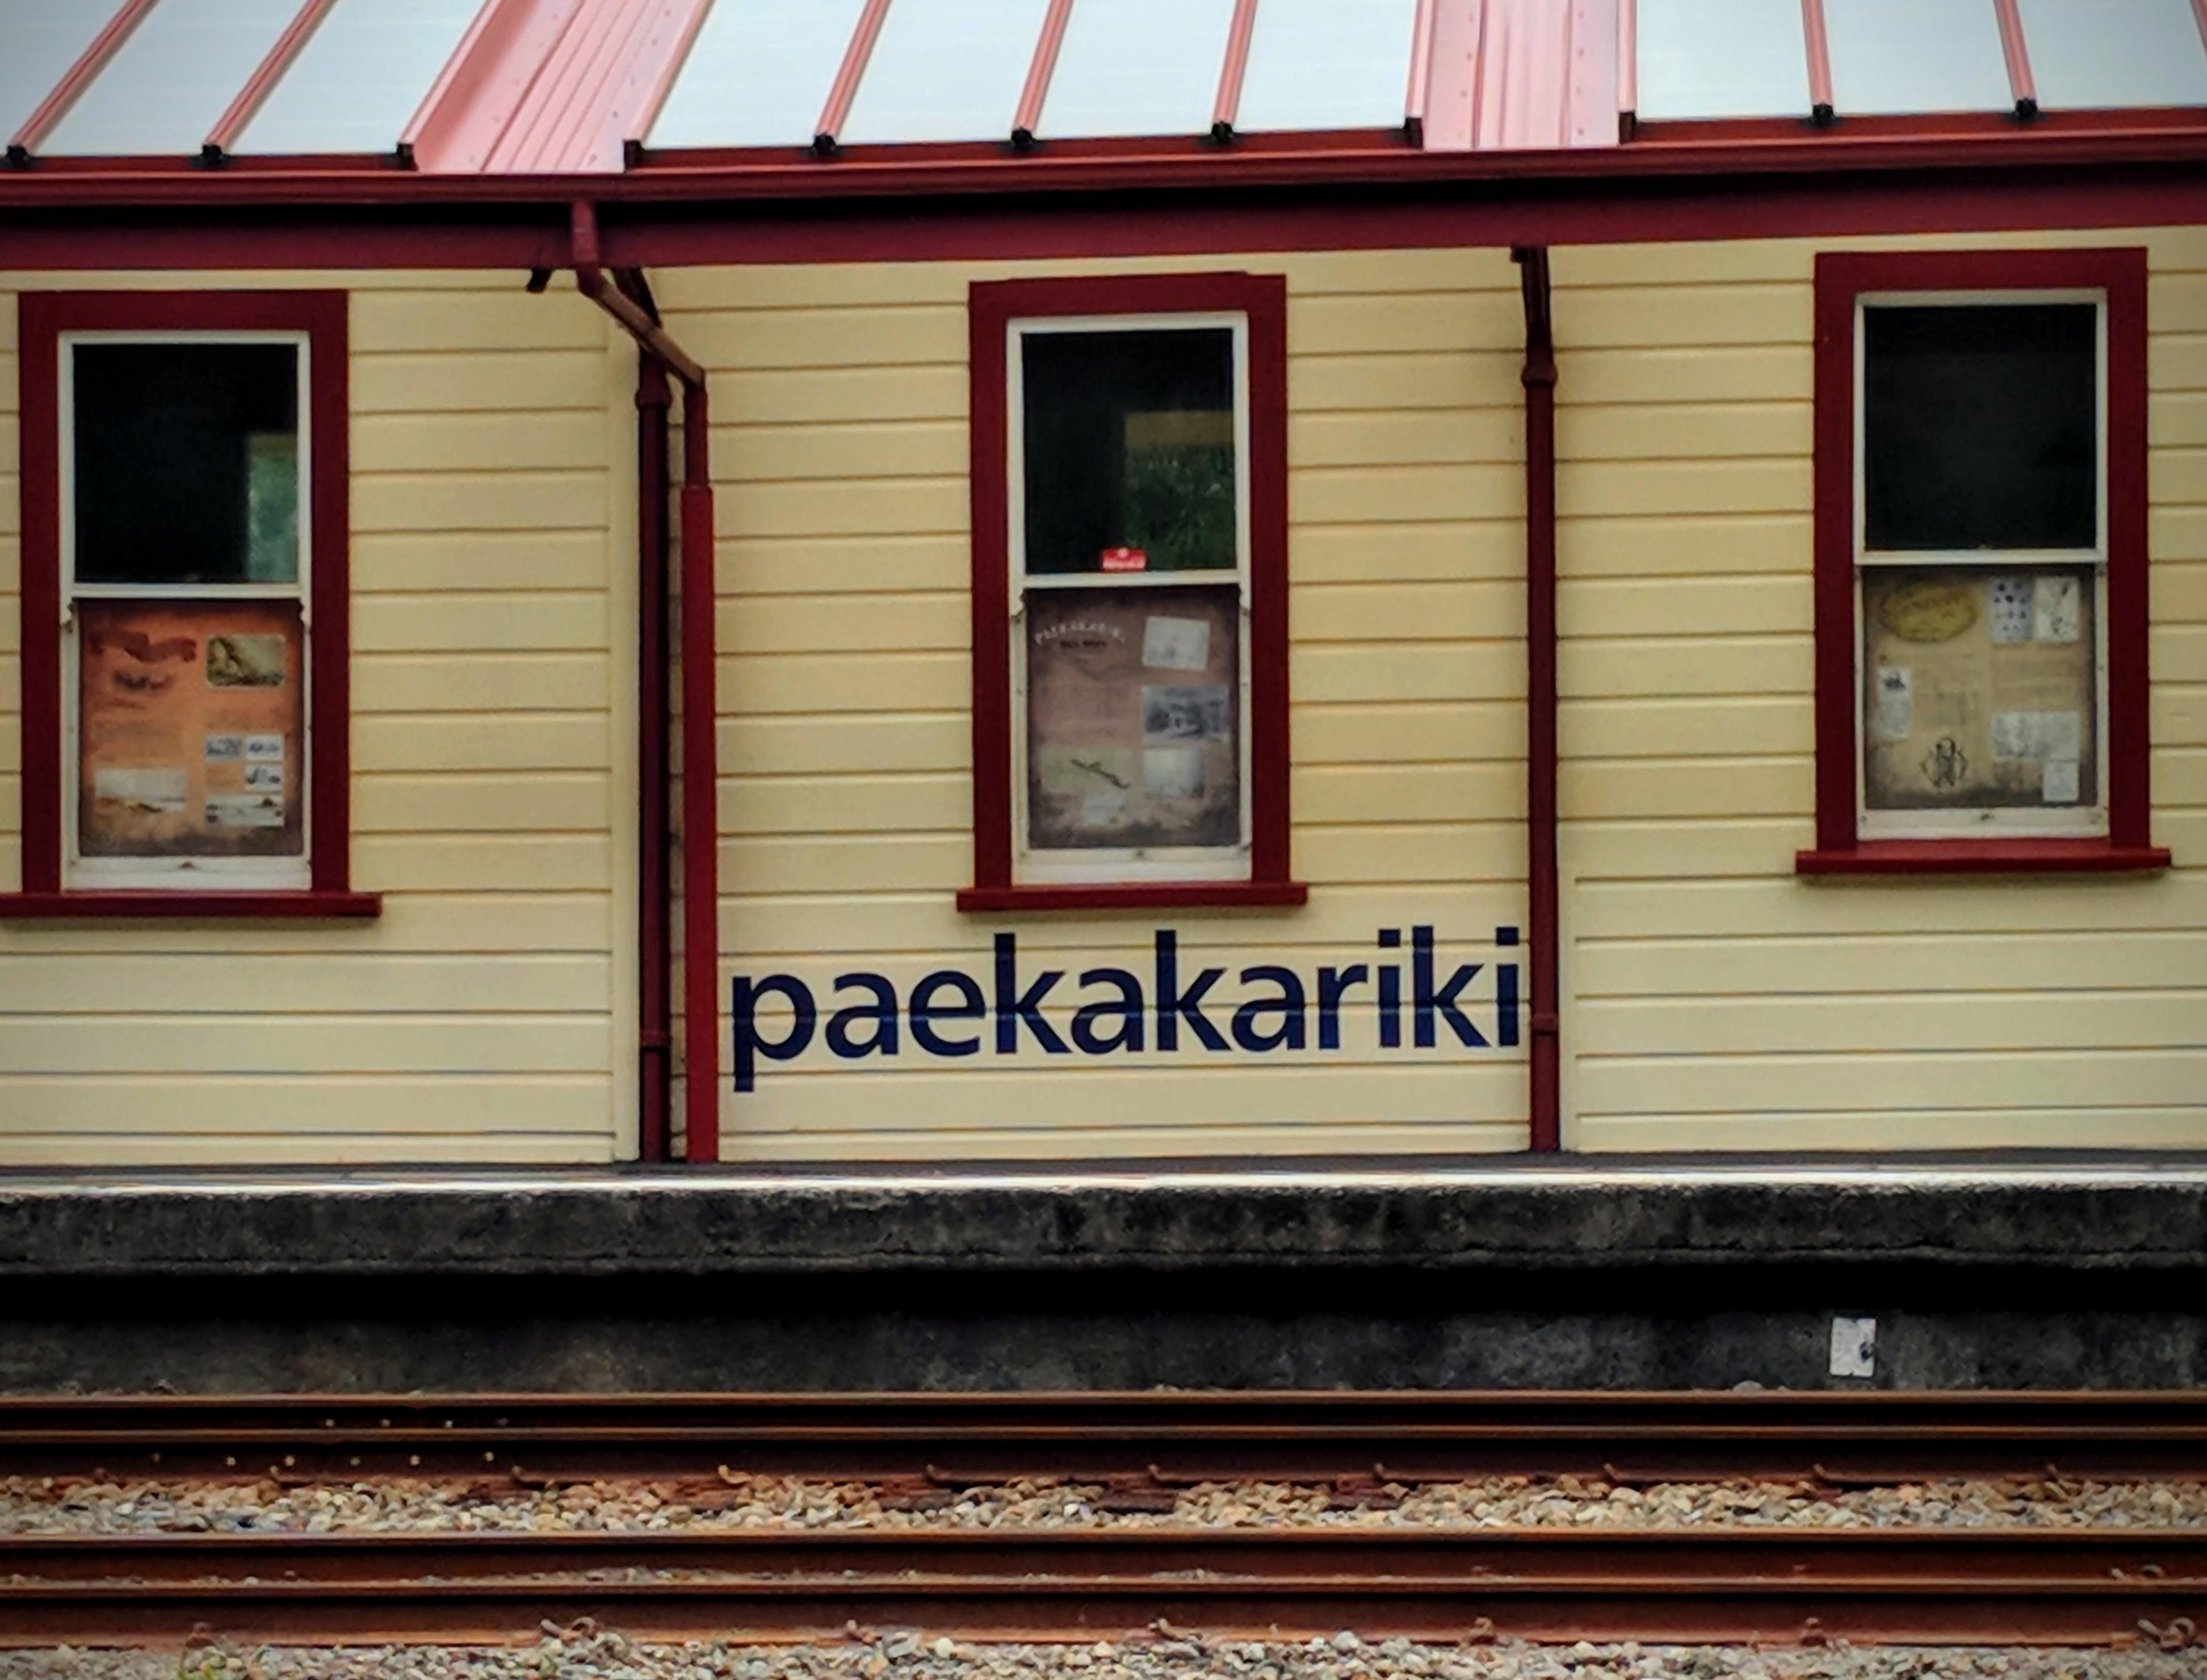 Paekakariki tran station as seen from State Highway 1